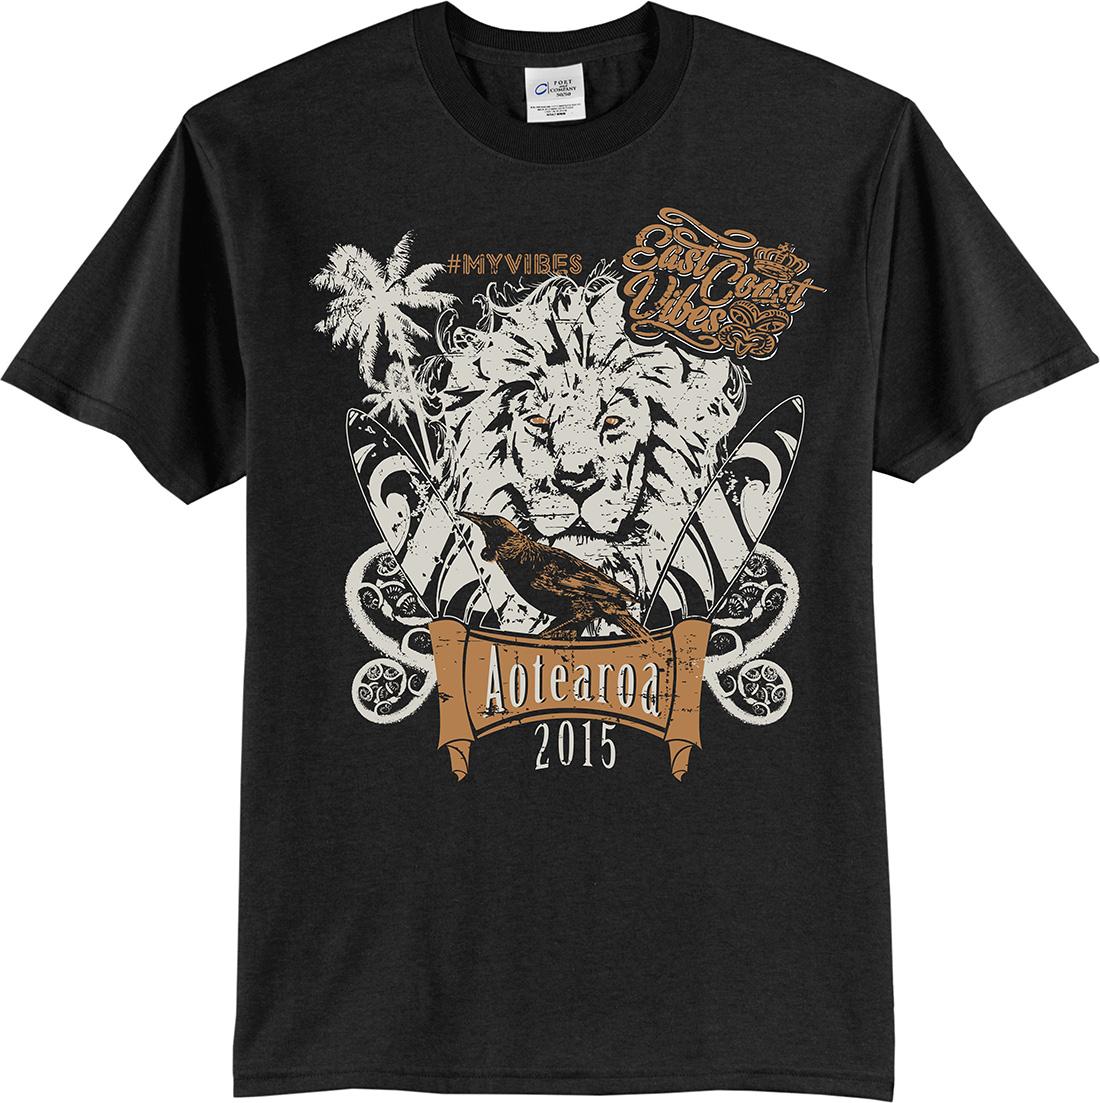 Fett modern festival t shirt design for a company by for T shirt design festival